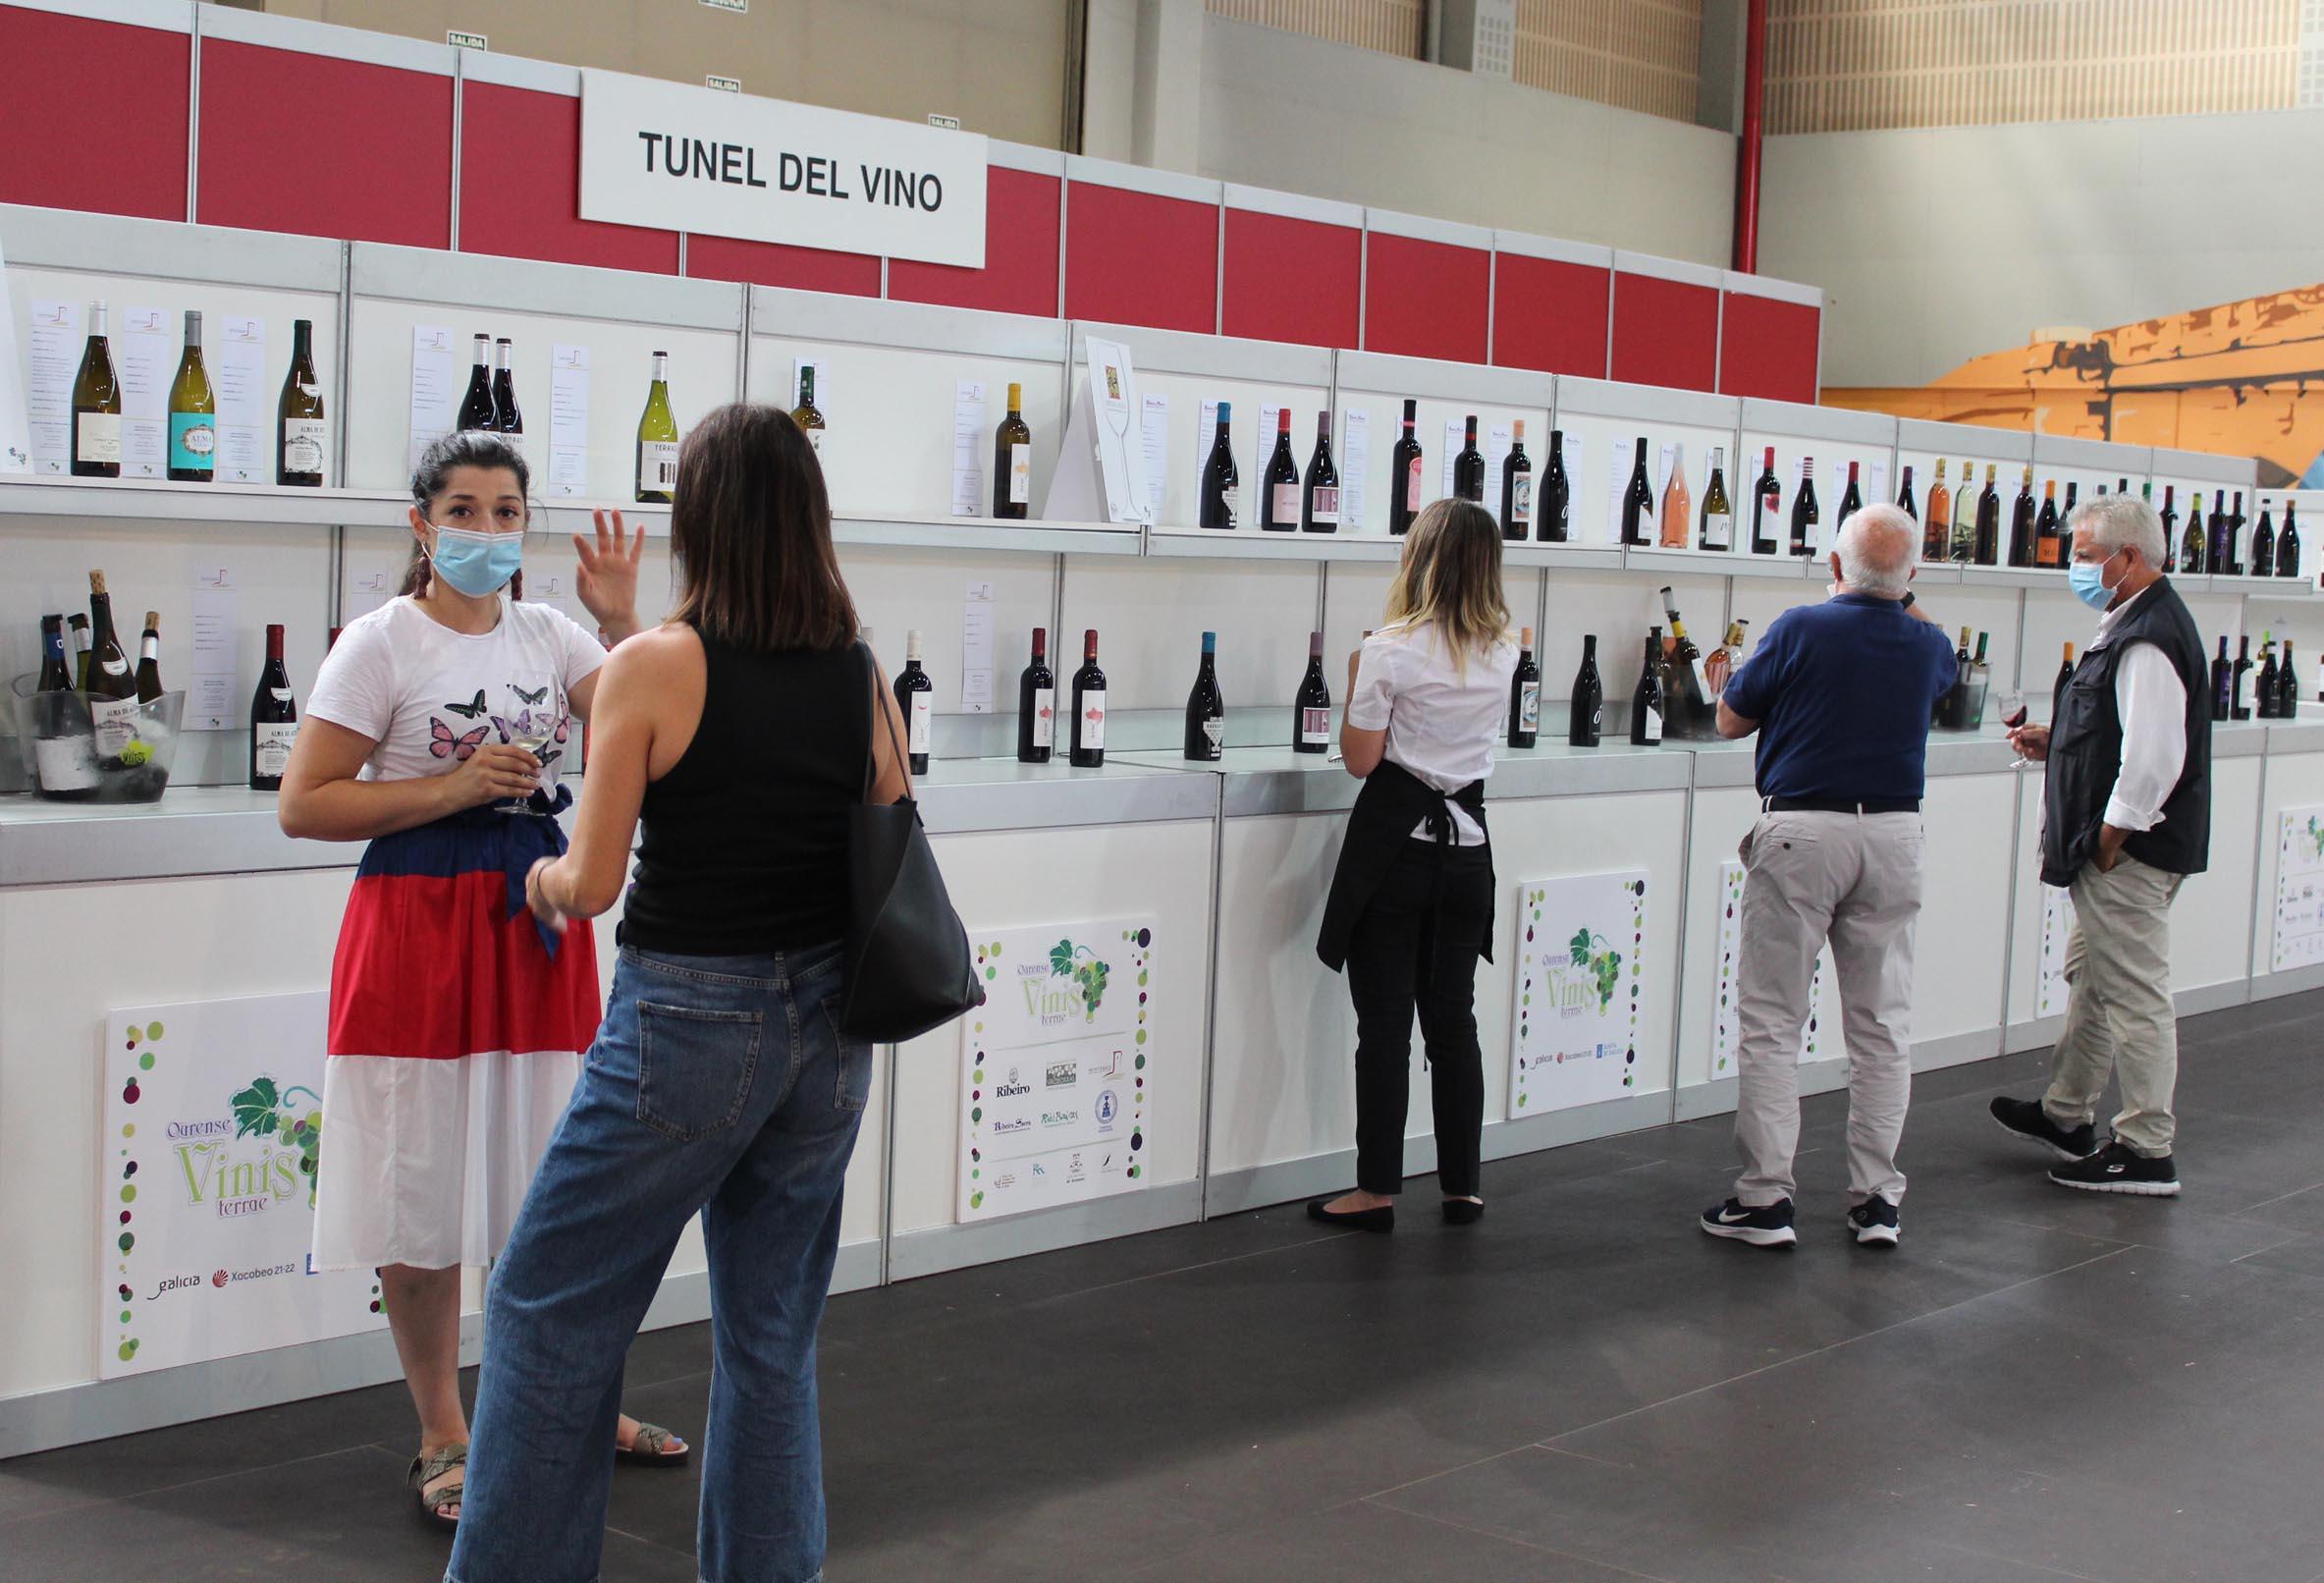 Satisfacción de los bodegueros por la presencia de importadores en Vinis Terrae